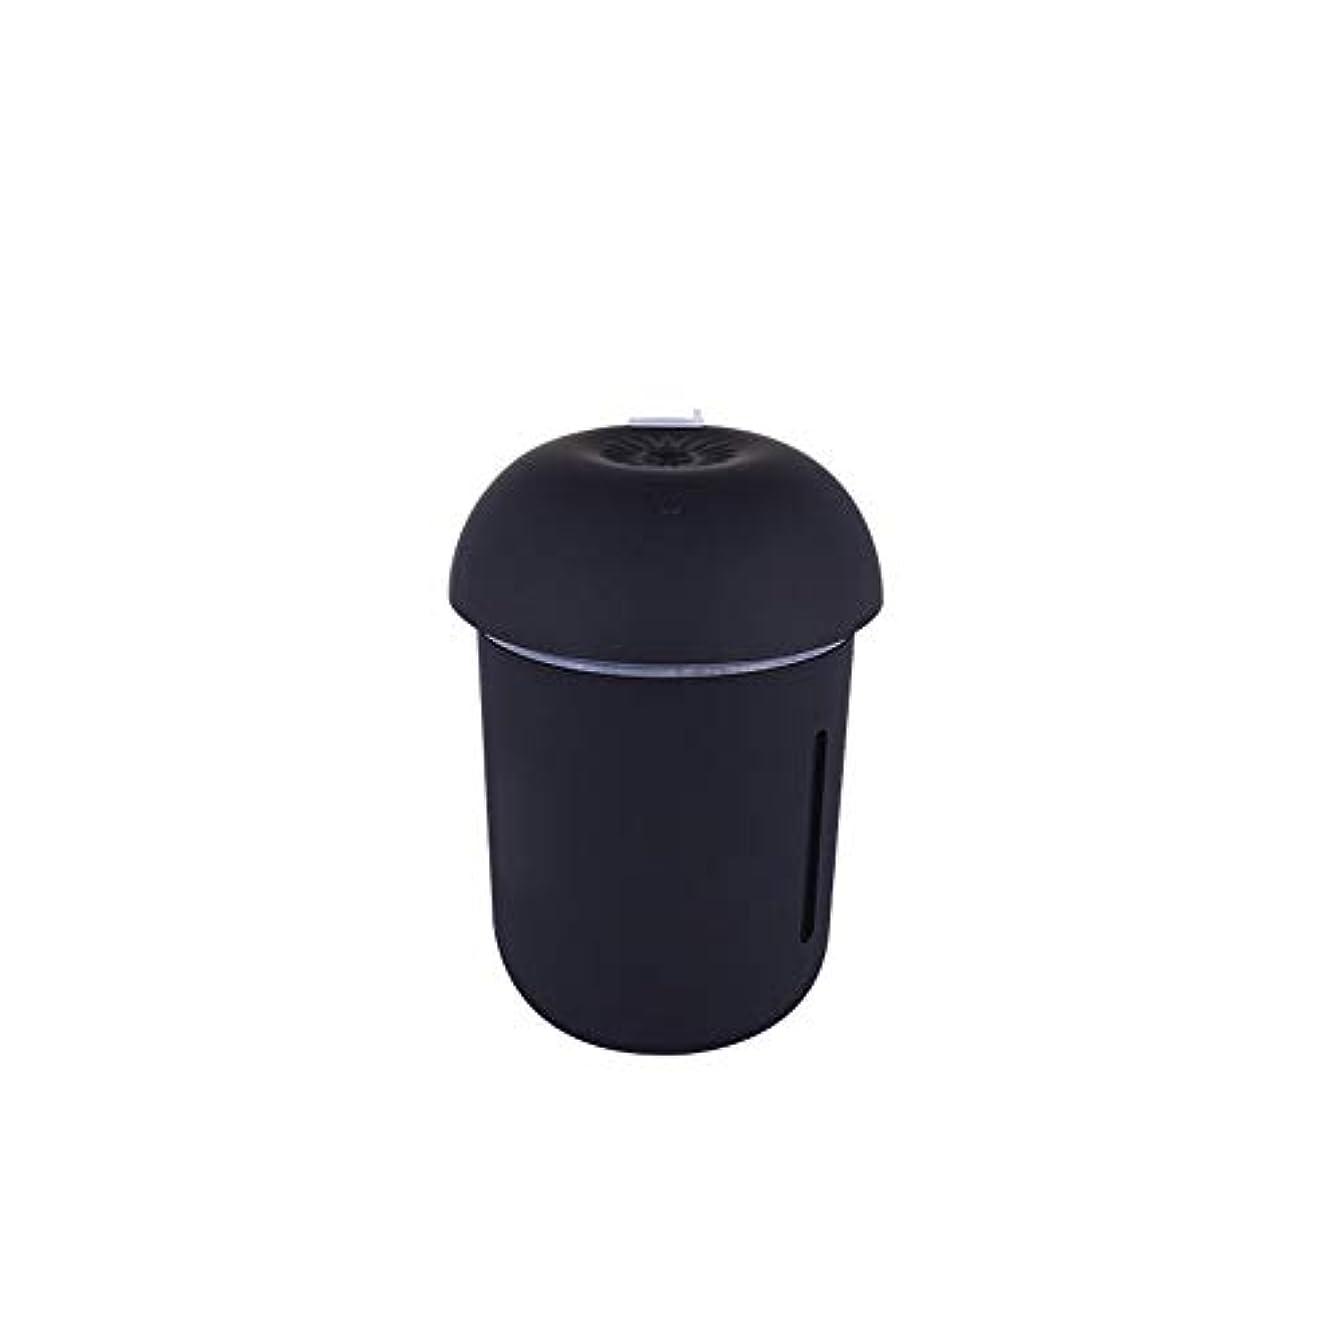 エイリアン中世の年金受給者ZXF クリエイティブ多機能水道メーターファンナイトライトスリーインワンきのこ加湿器usb充電車の空気清浄機美容機器 滑らかである (色 : Black)